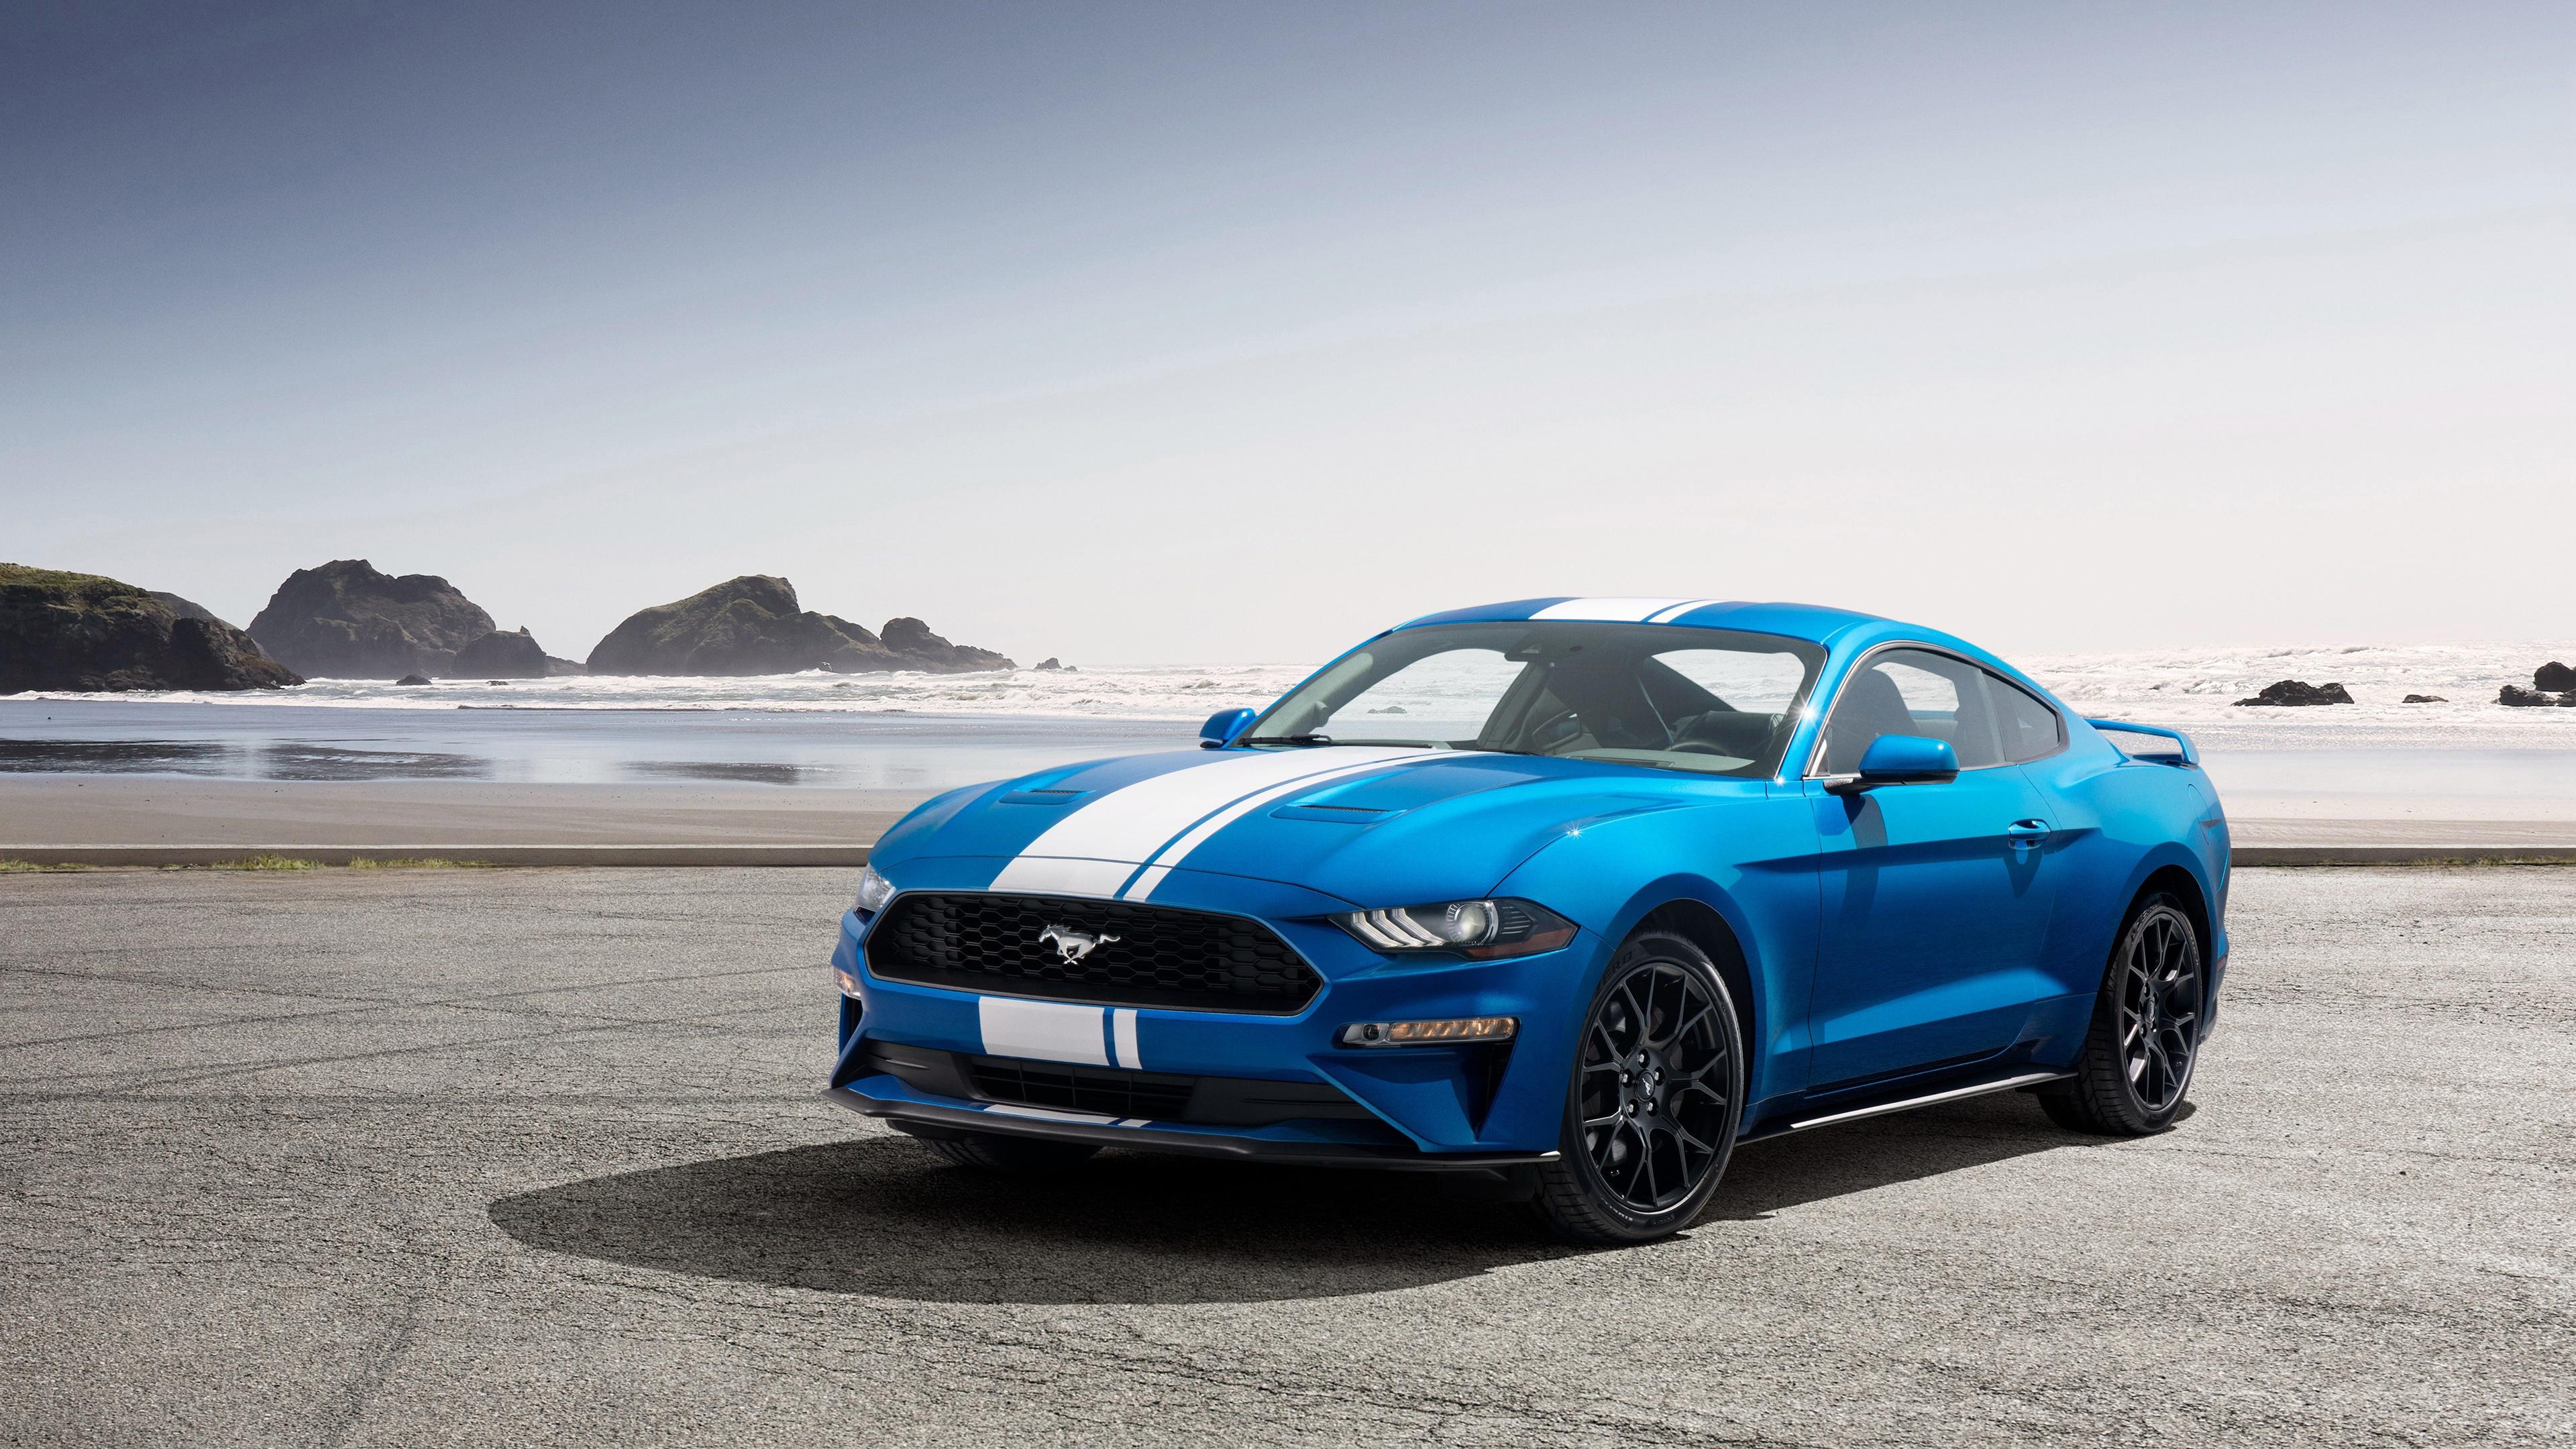 Синий спортивный автомобиль с белой полосой на фоне горных вершин и морских волн